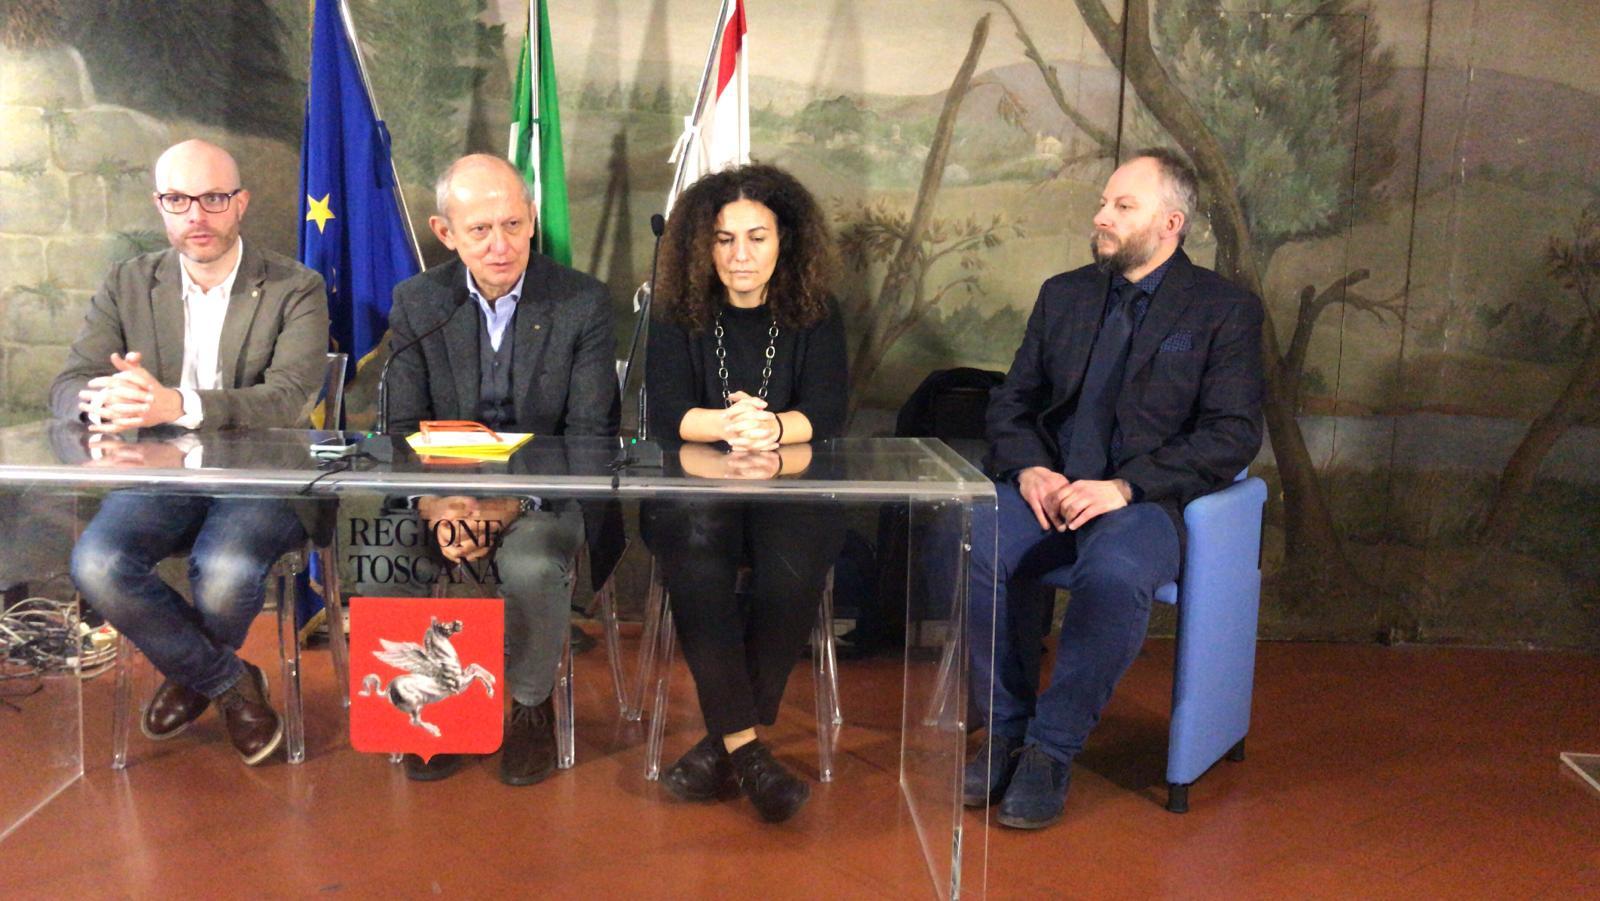 Conferenza Regione Toscana su Les Thermalies